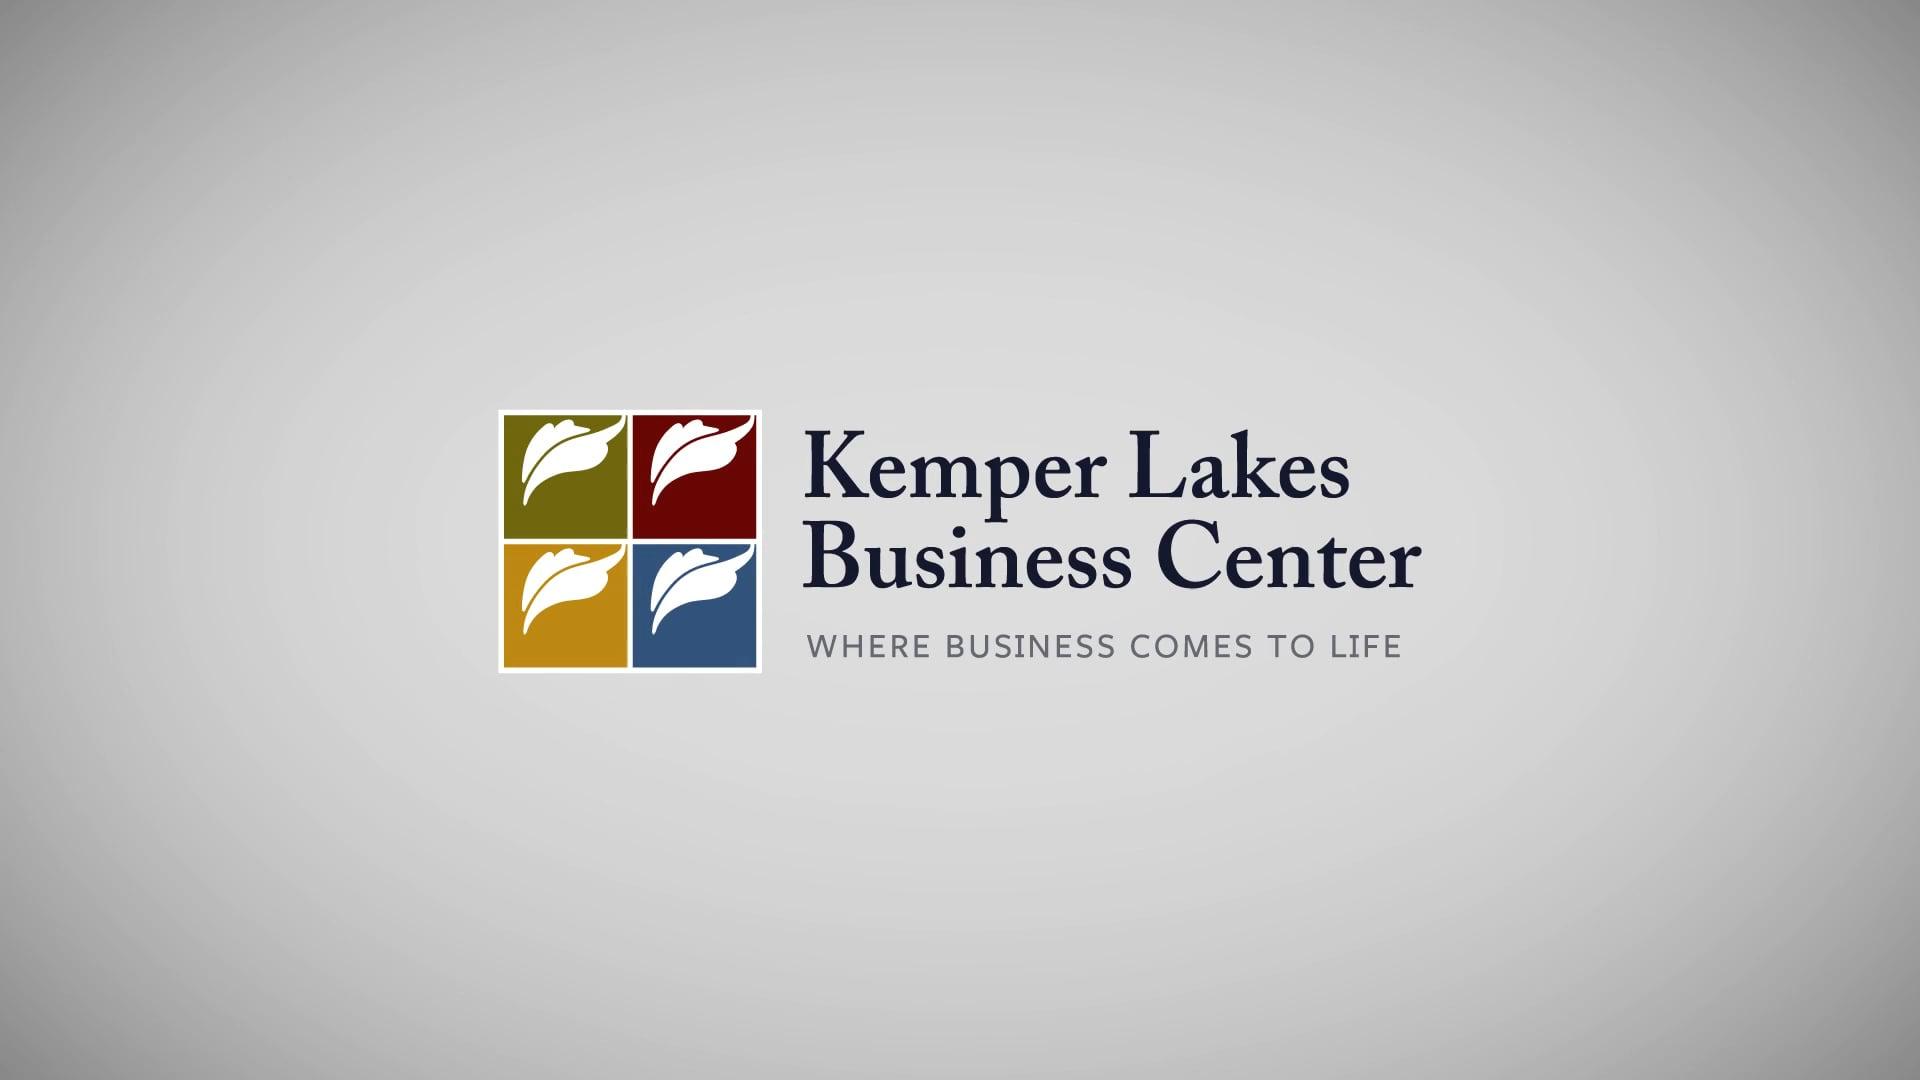 TM - Kemper Lakes